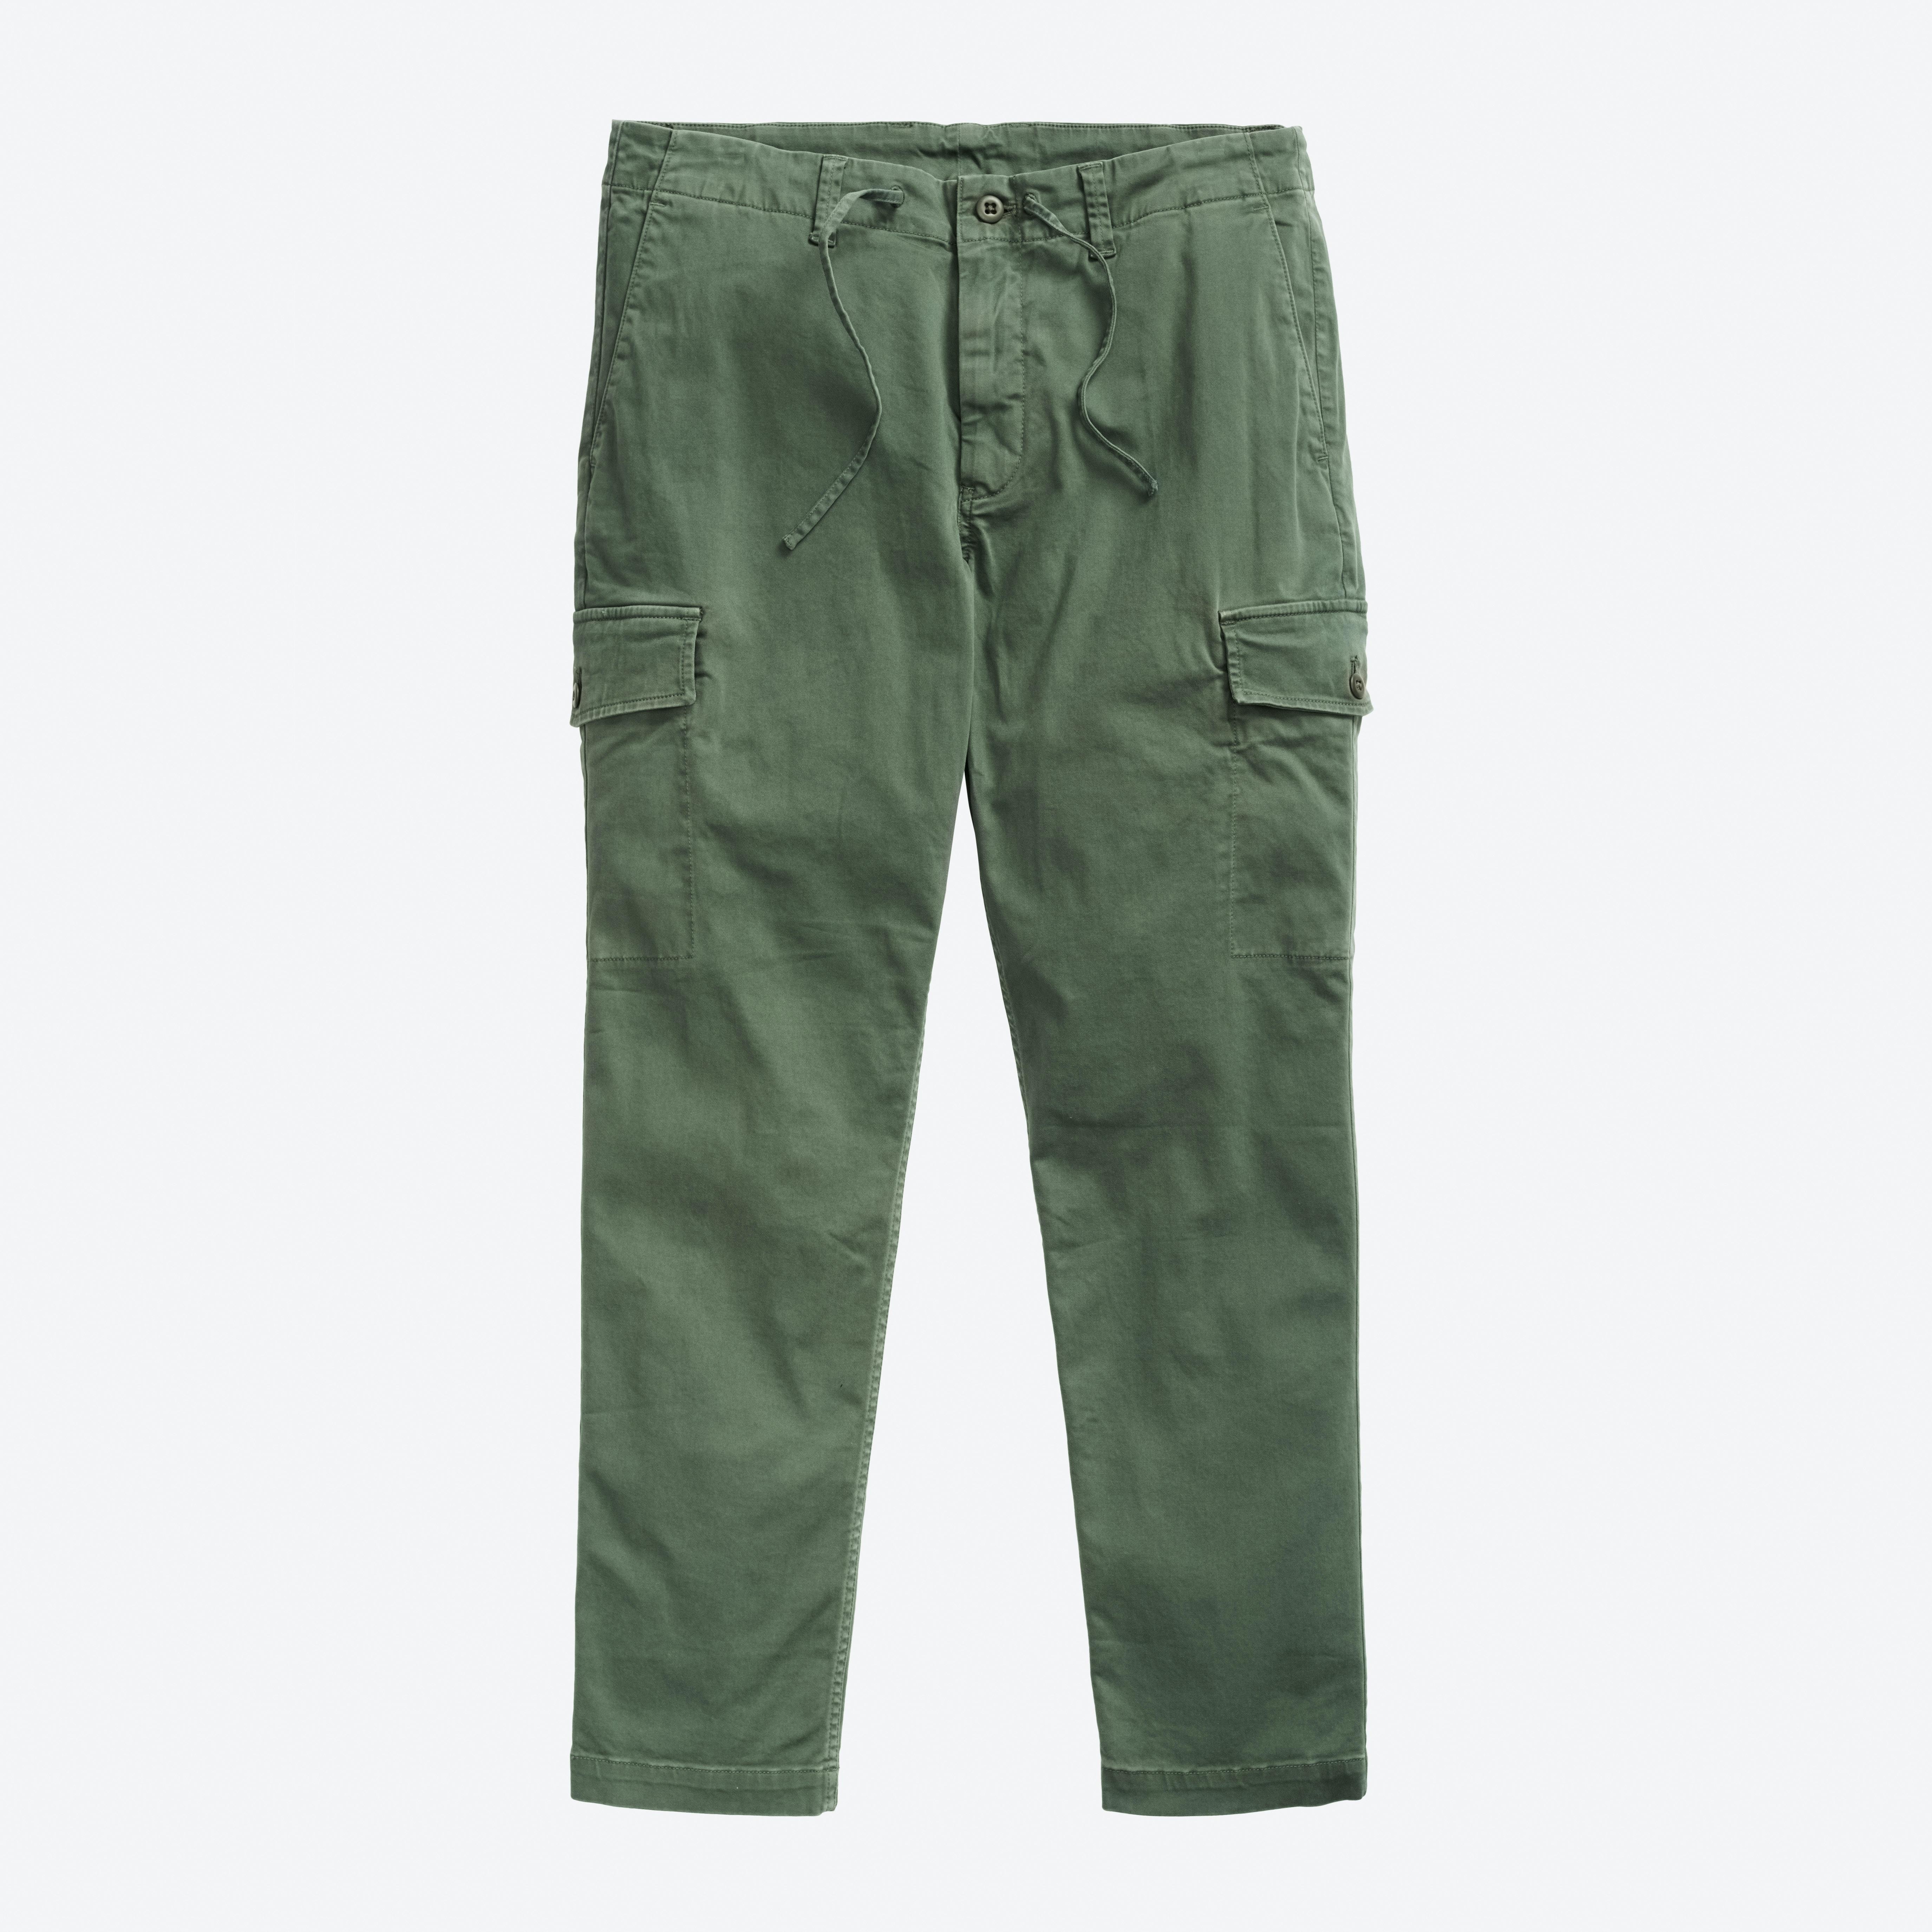 Off-Duty Cargo Pants